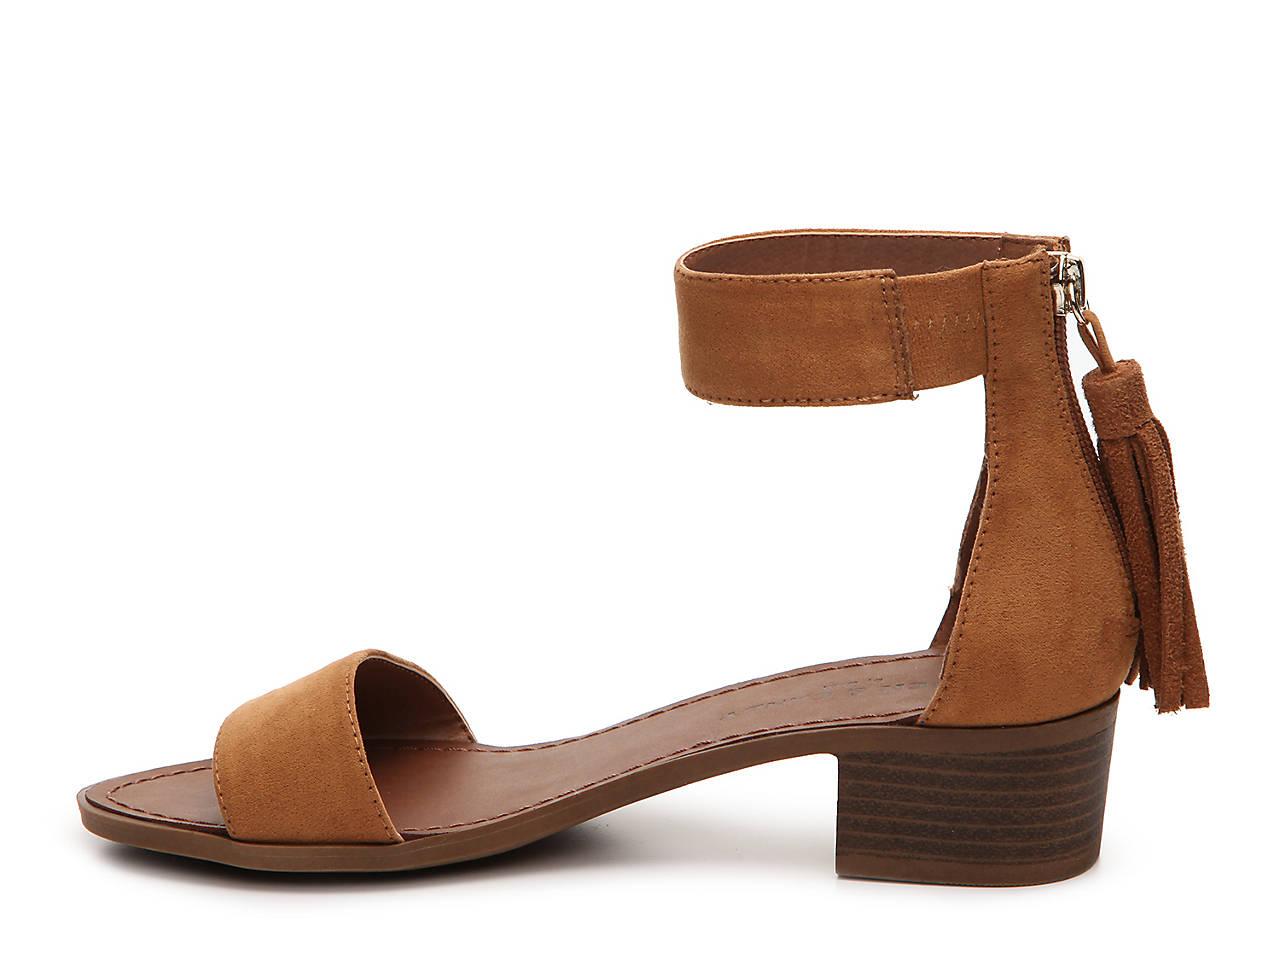 Black sandals at dsw - Black Sandals At Dsw 7